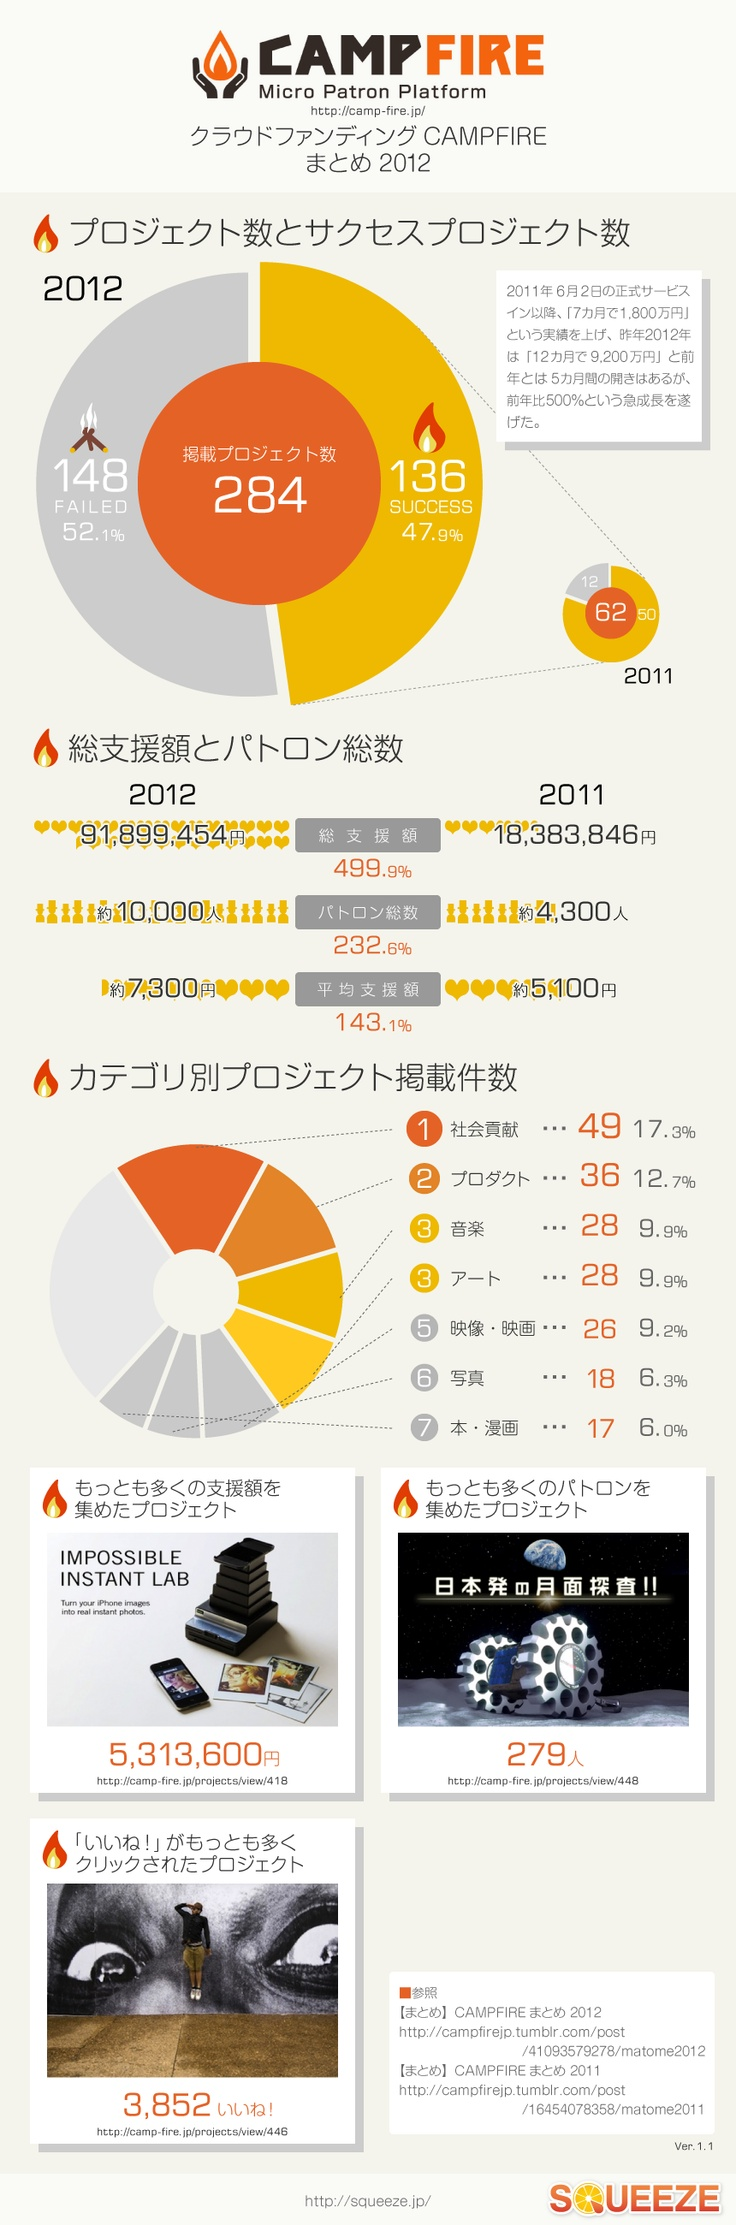 CAMPFIREまとめ2012 インフォグラフィック